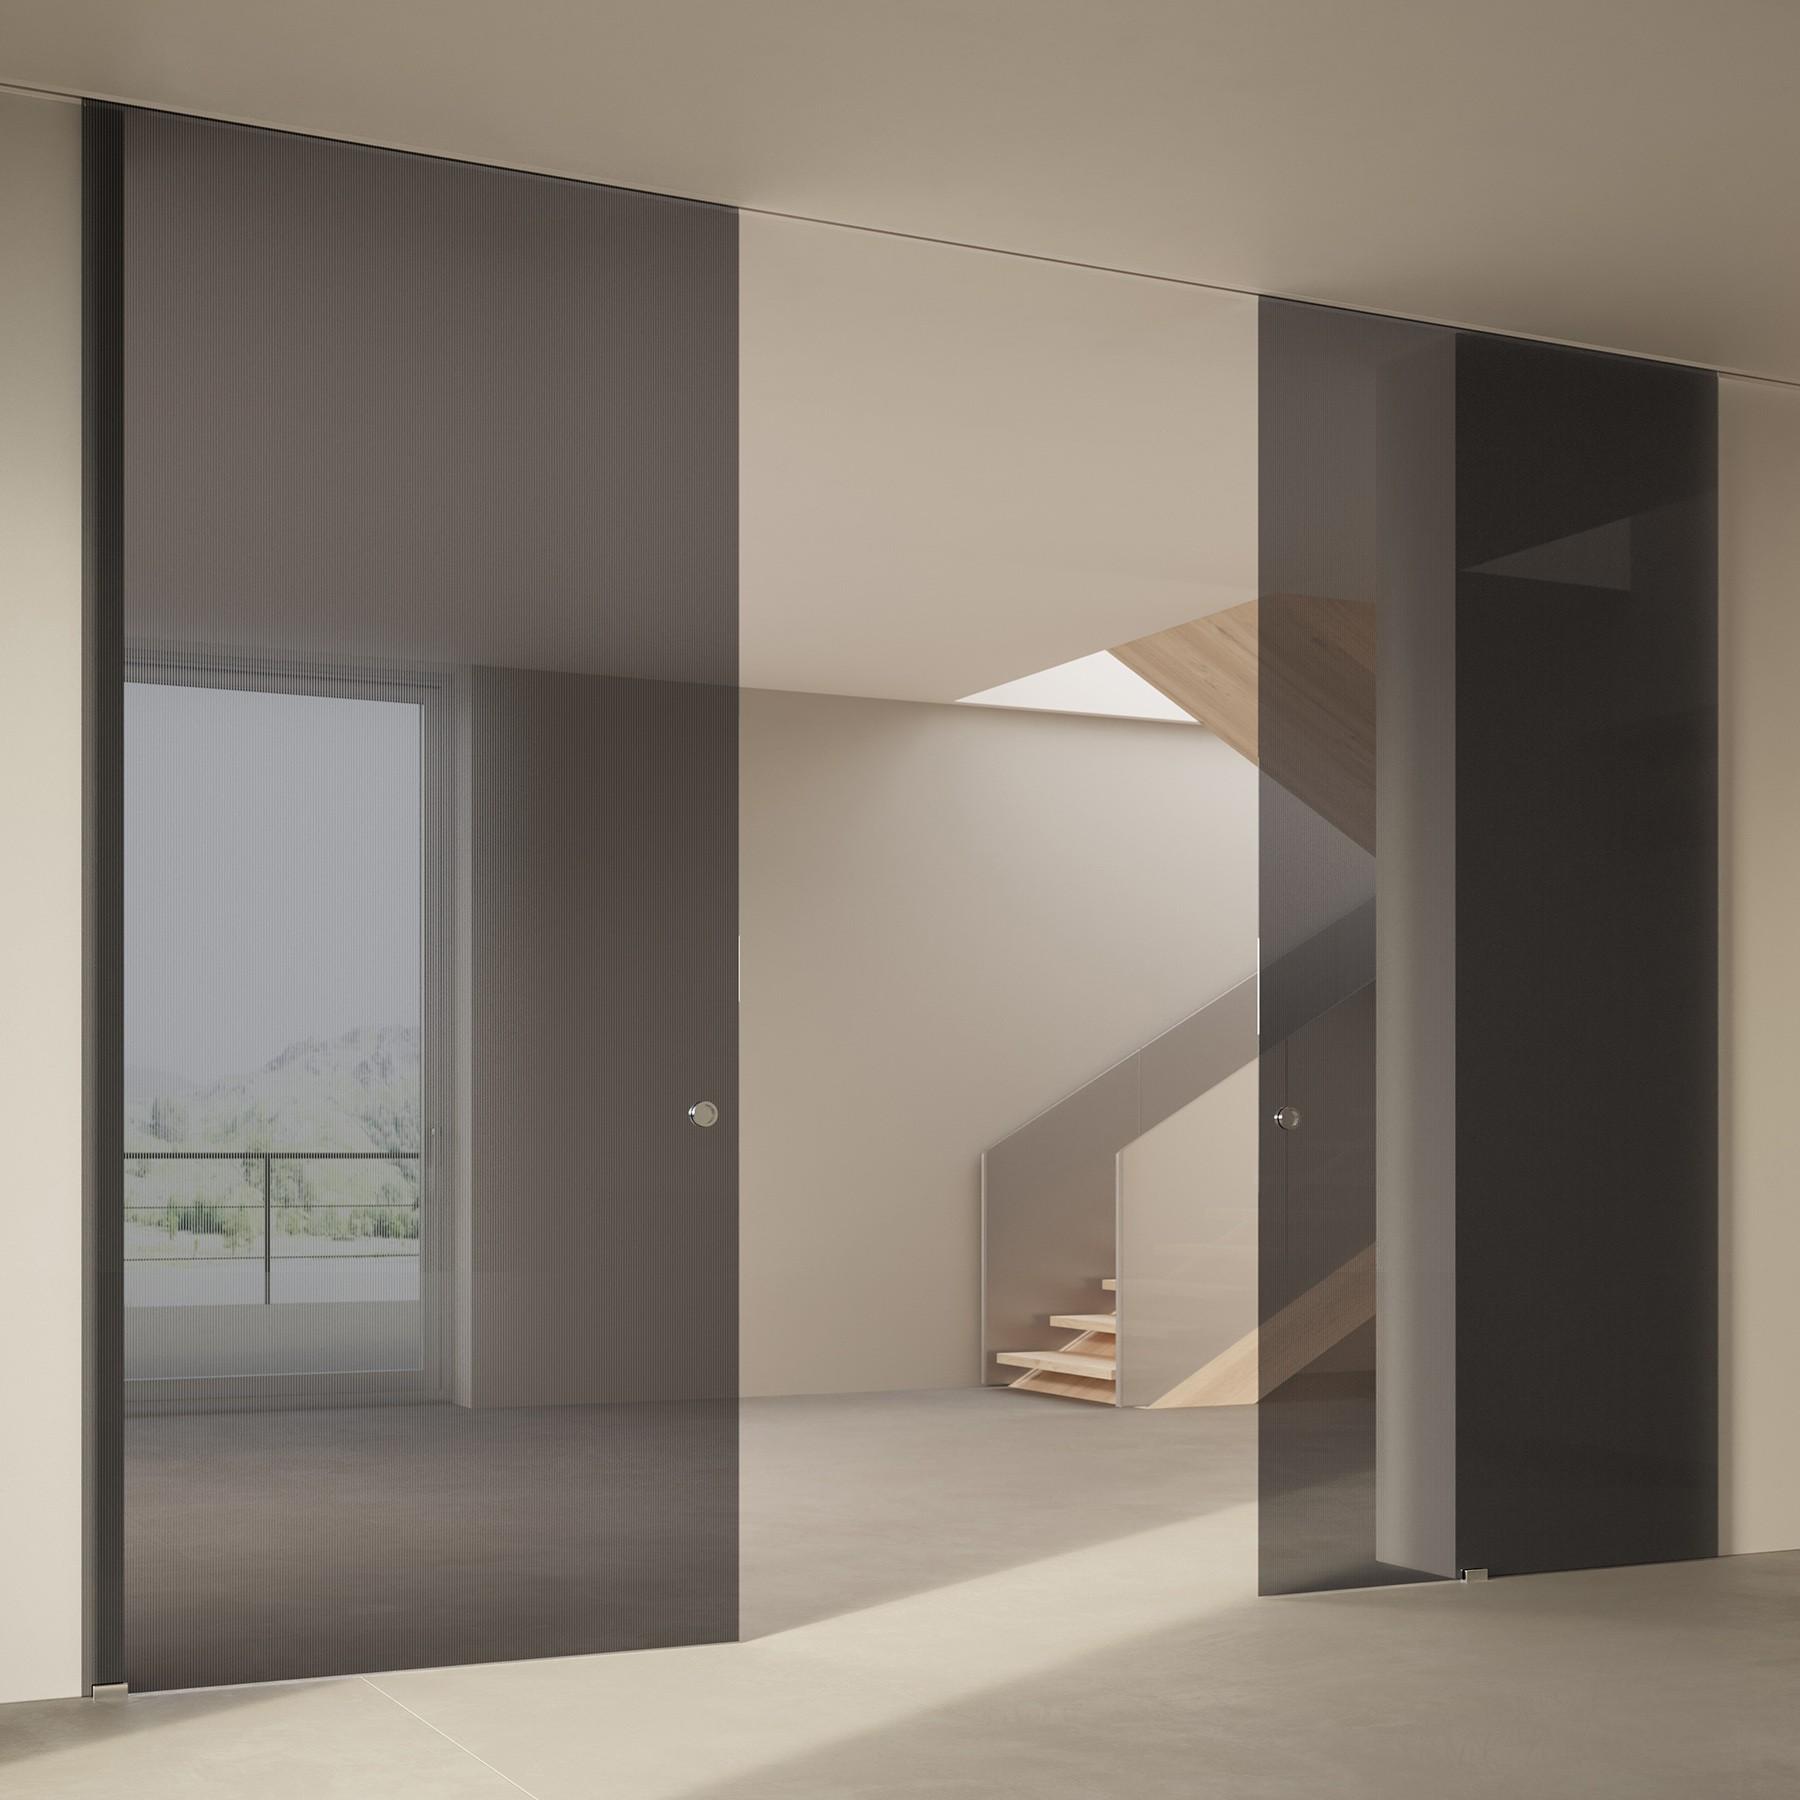 Scenario Visio Up with Chillout Trasparente Grigio glass